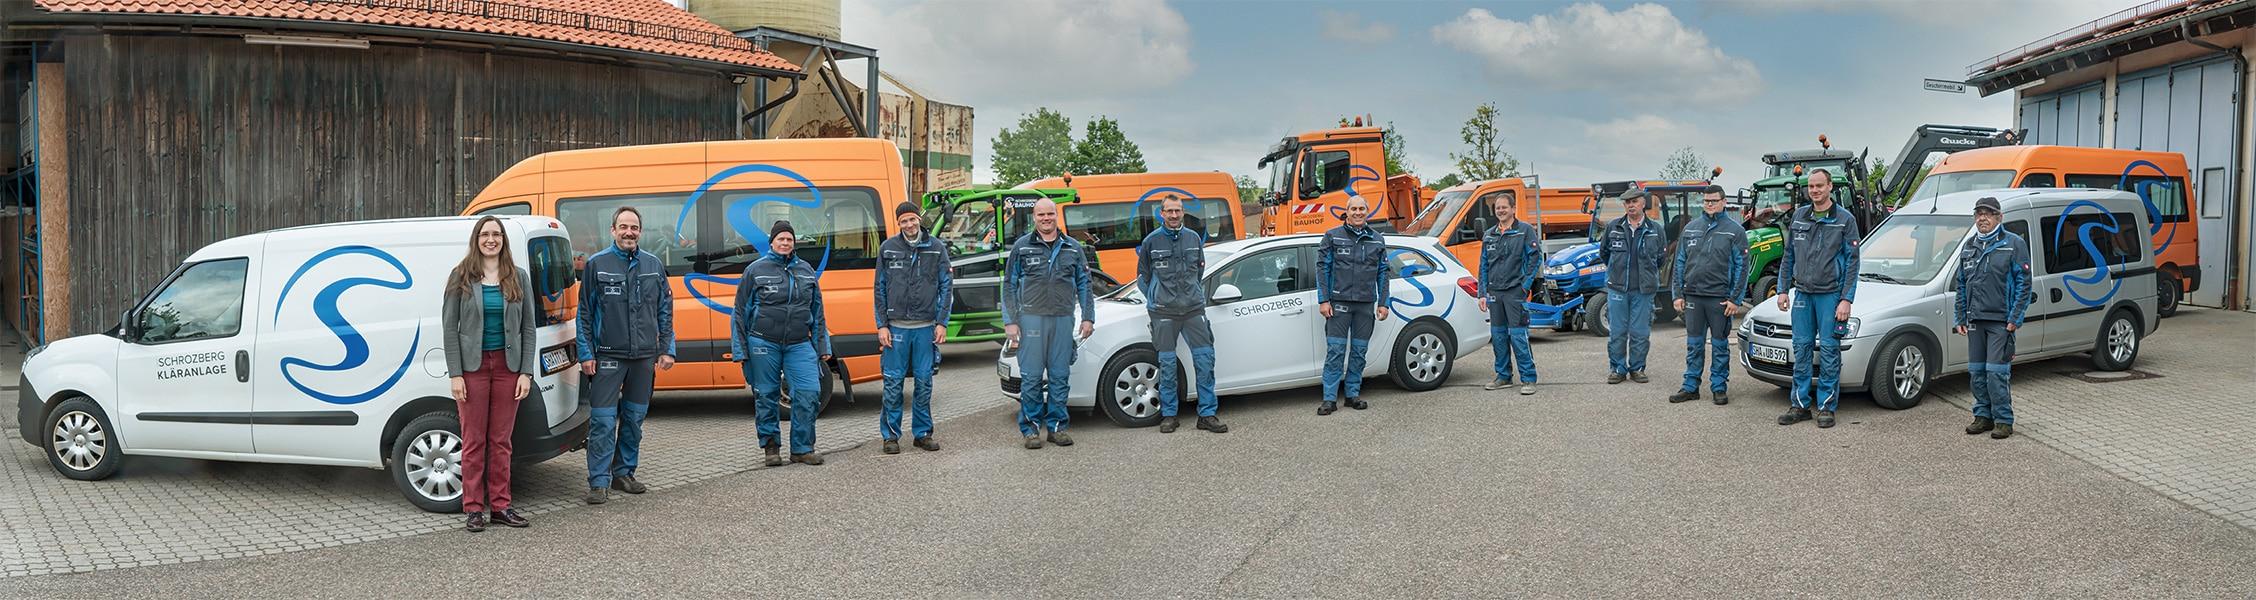 Neue Folierung der Baufahrzeuge der Stadt Schrozberg